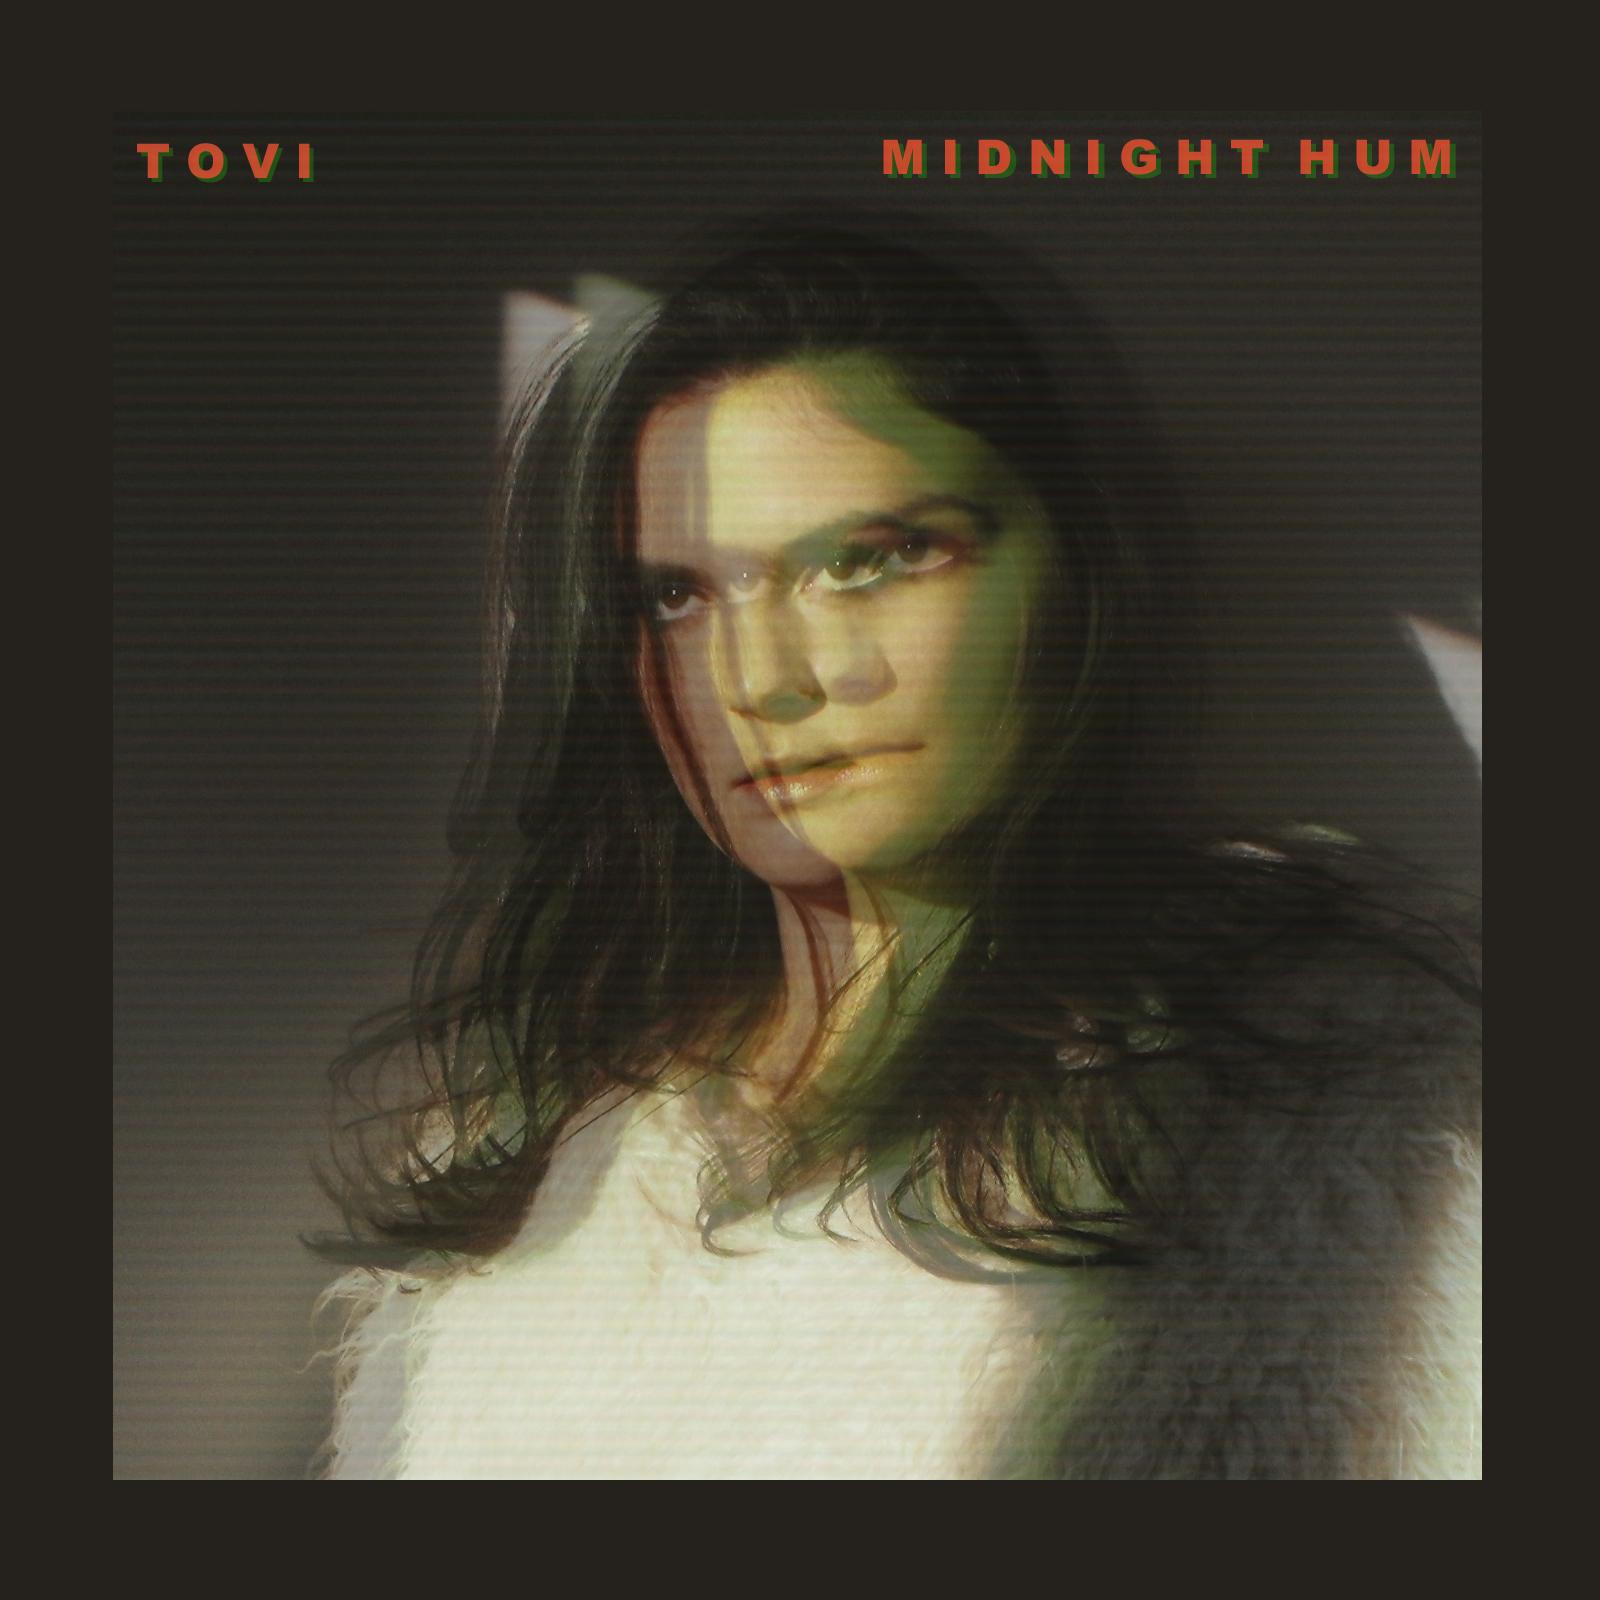 TOVI-Midnight Hum-ALBUM ART